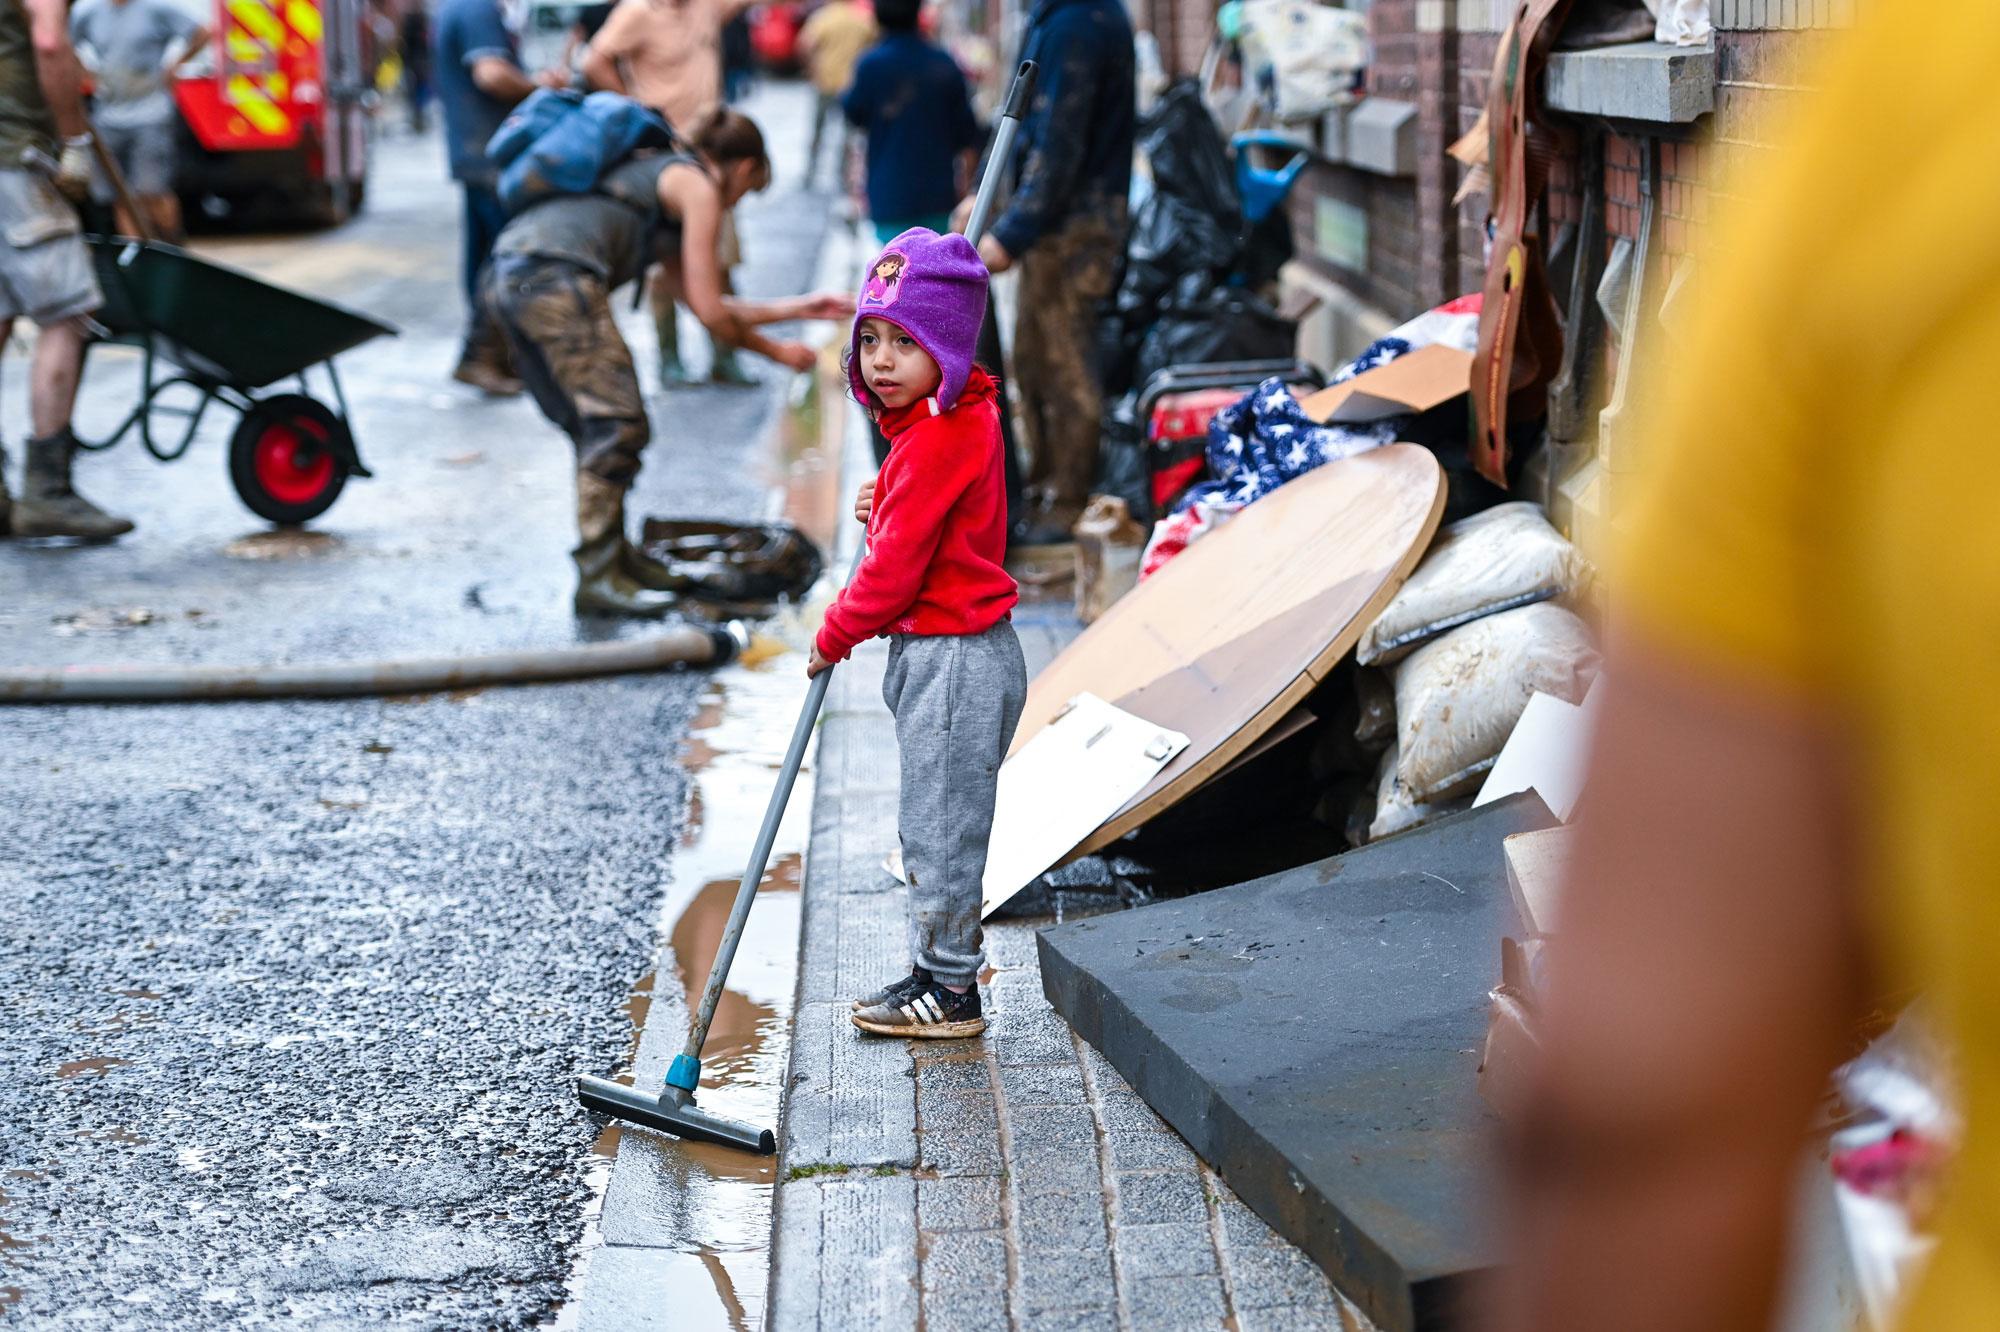 Een kind helpt bij het opruimen na de overstromingen in de stad Namen, 25 juli 2021., Belga